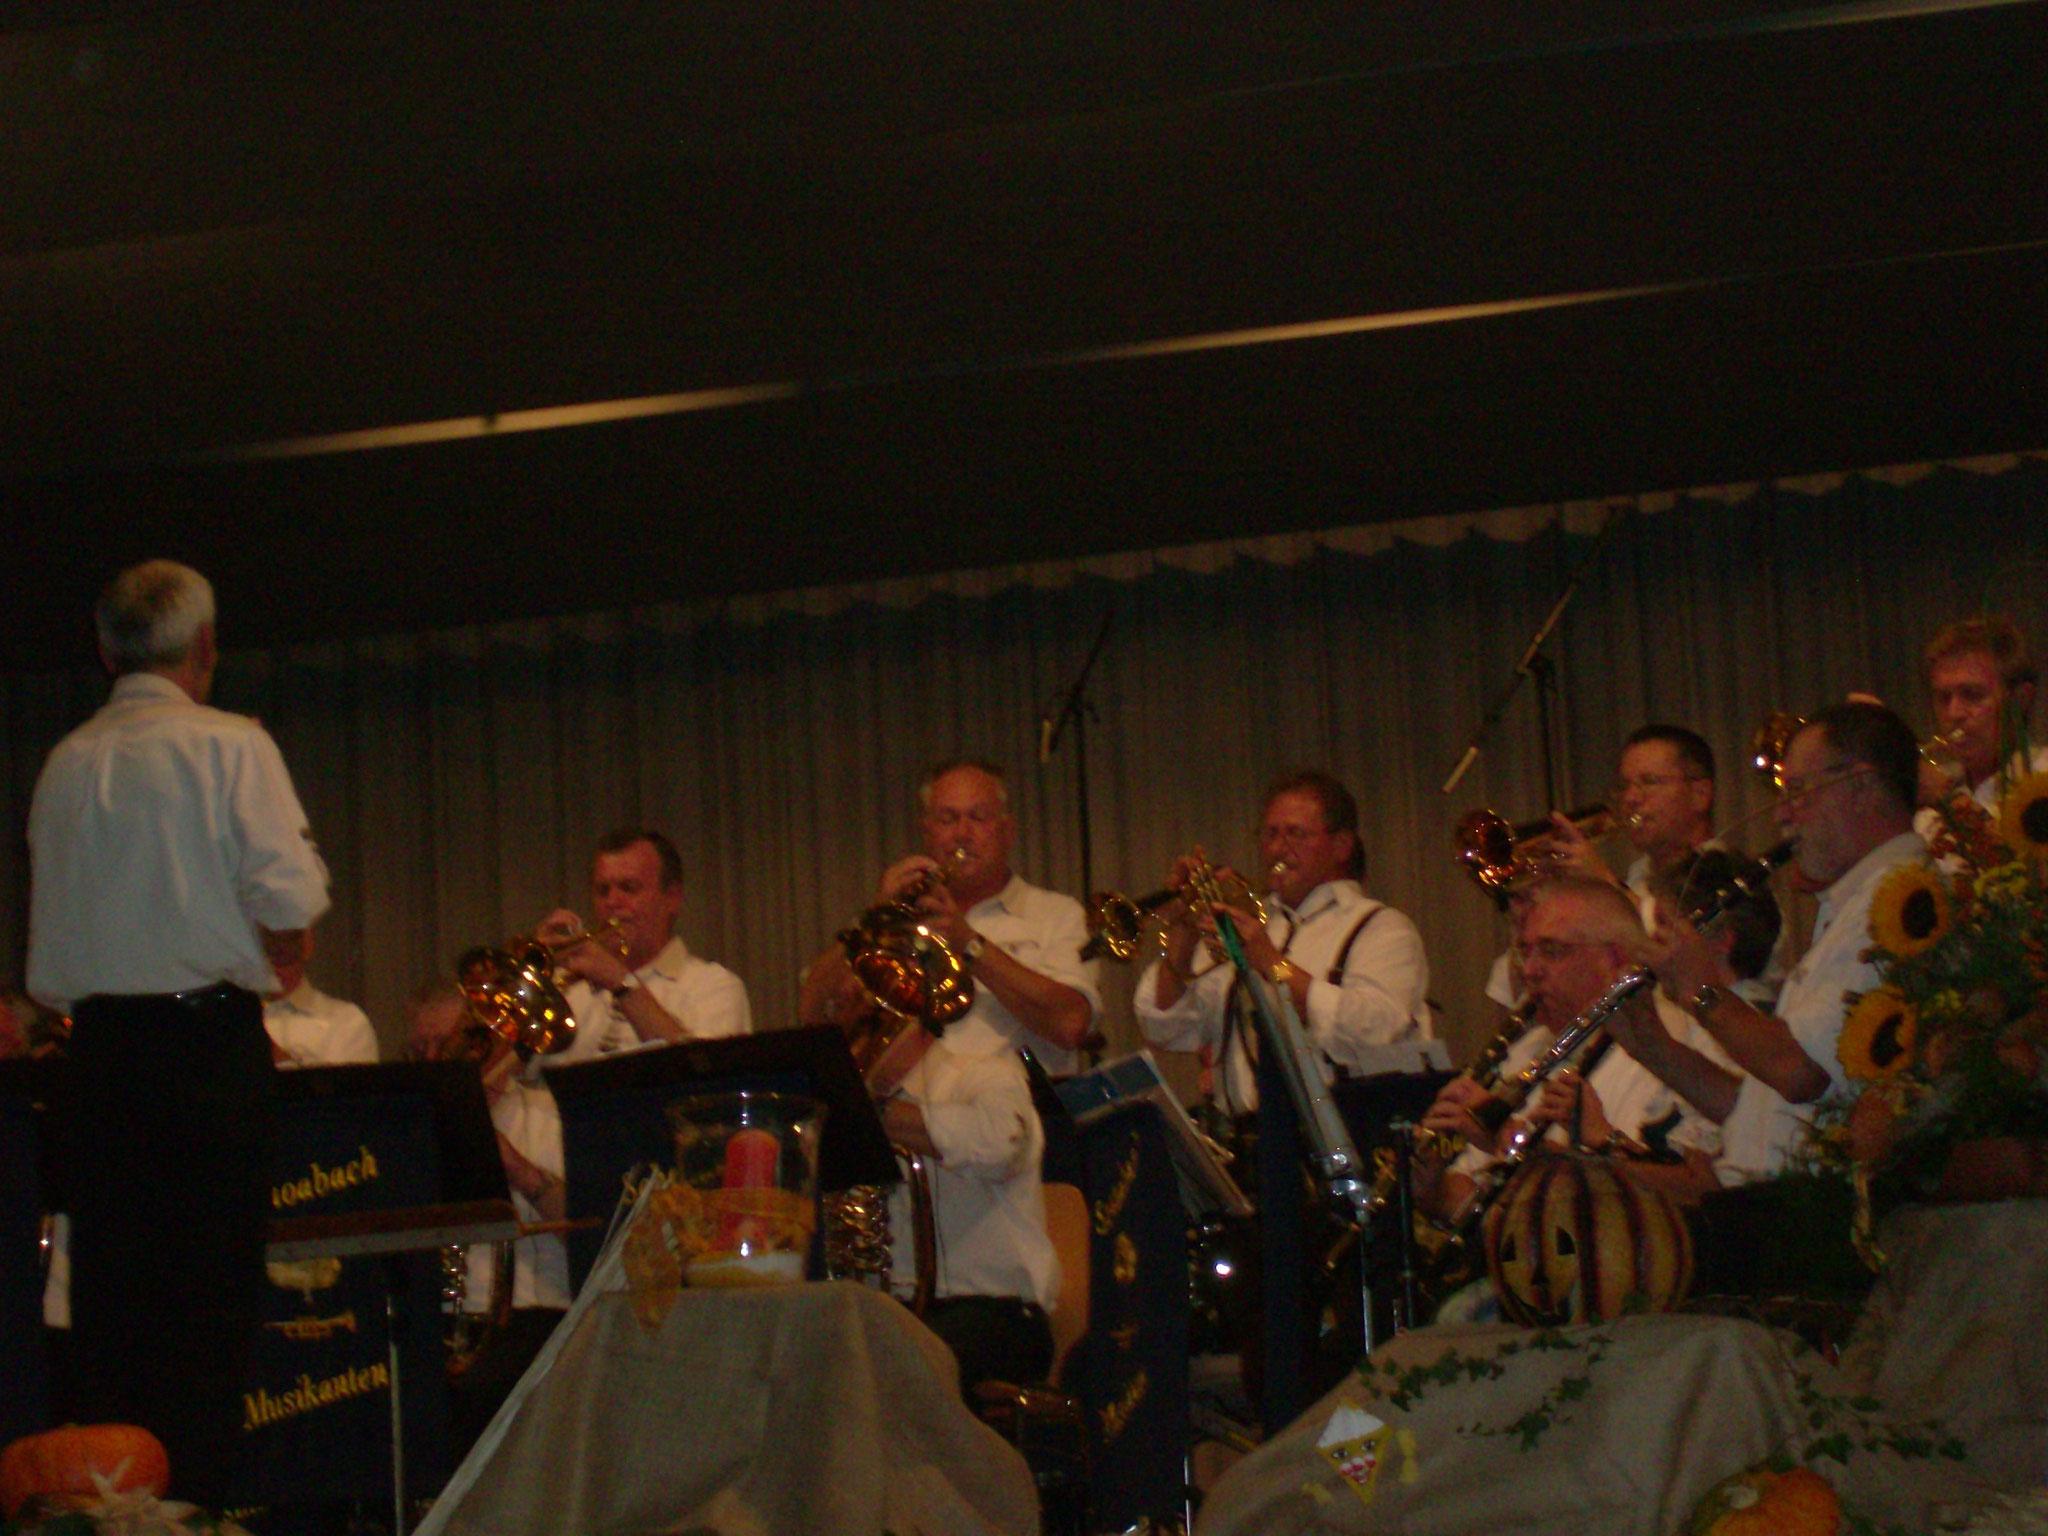 Seniorennachmittag MV Unterhausen 21.09.2009